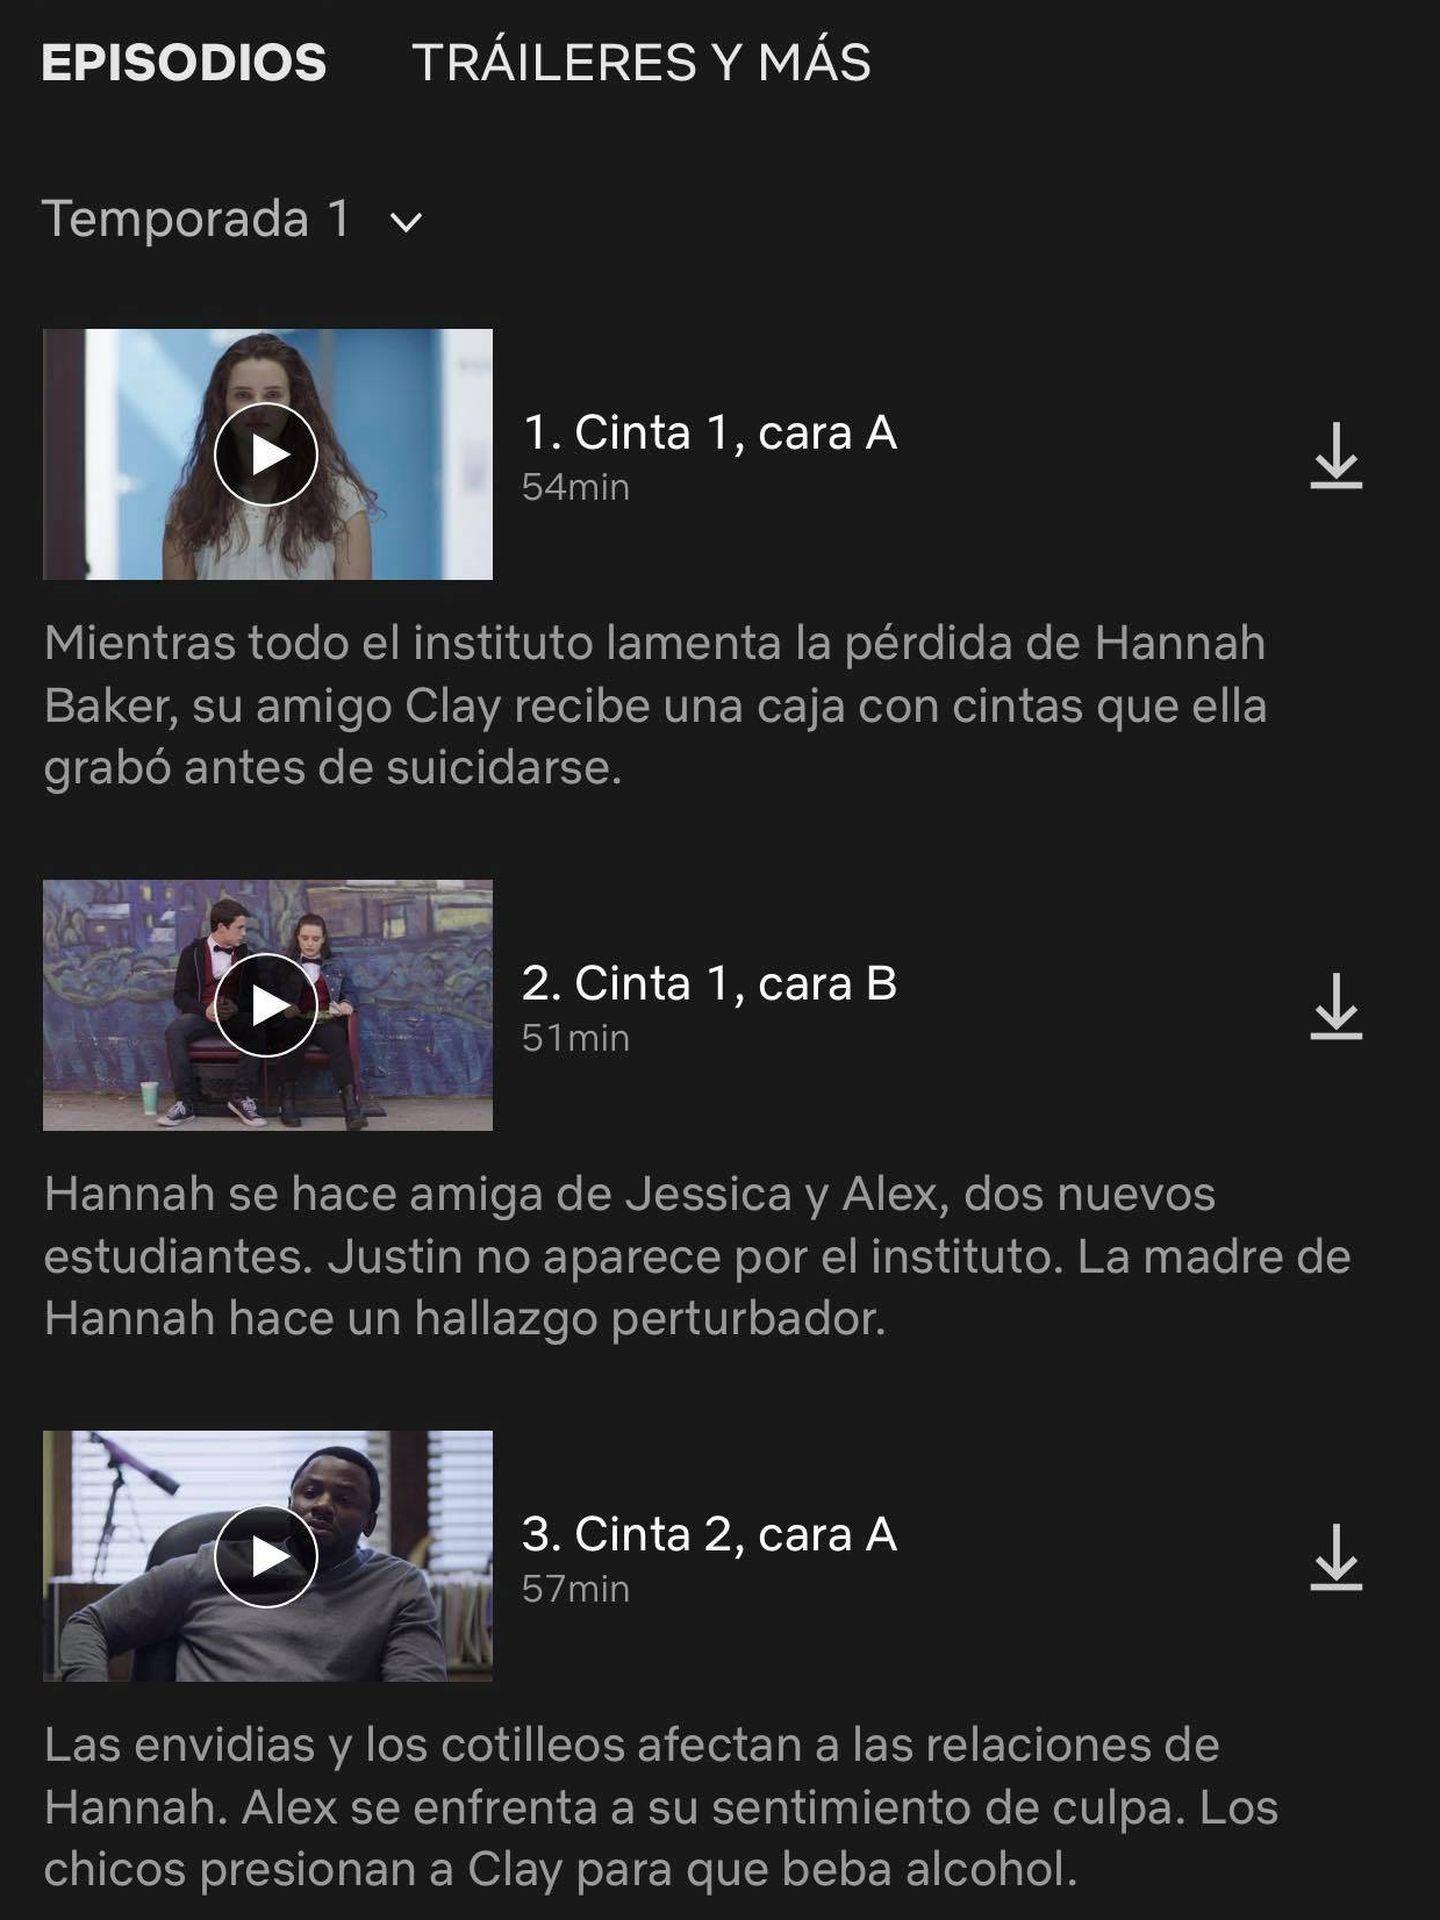 En Netflix puedes ir descargando los capitlos clicando sobre la flecha hacia abajo que aparece a la derecha